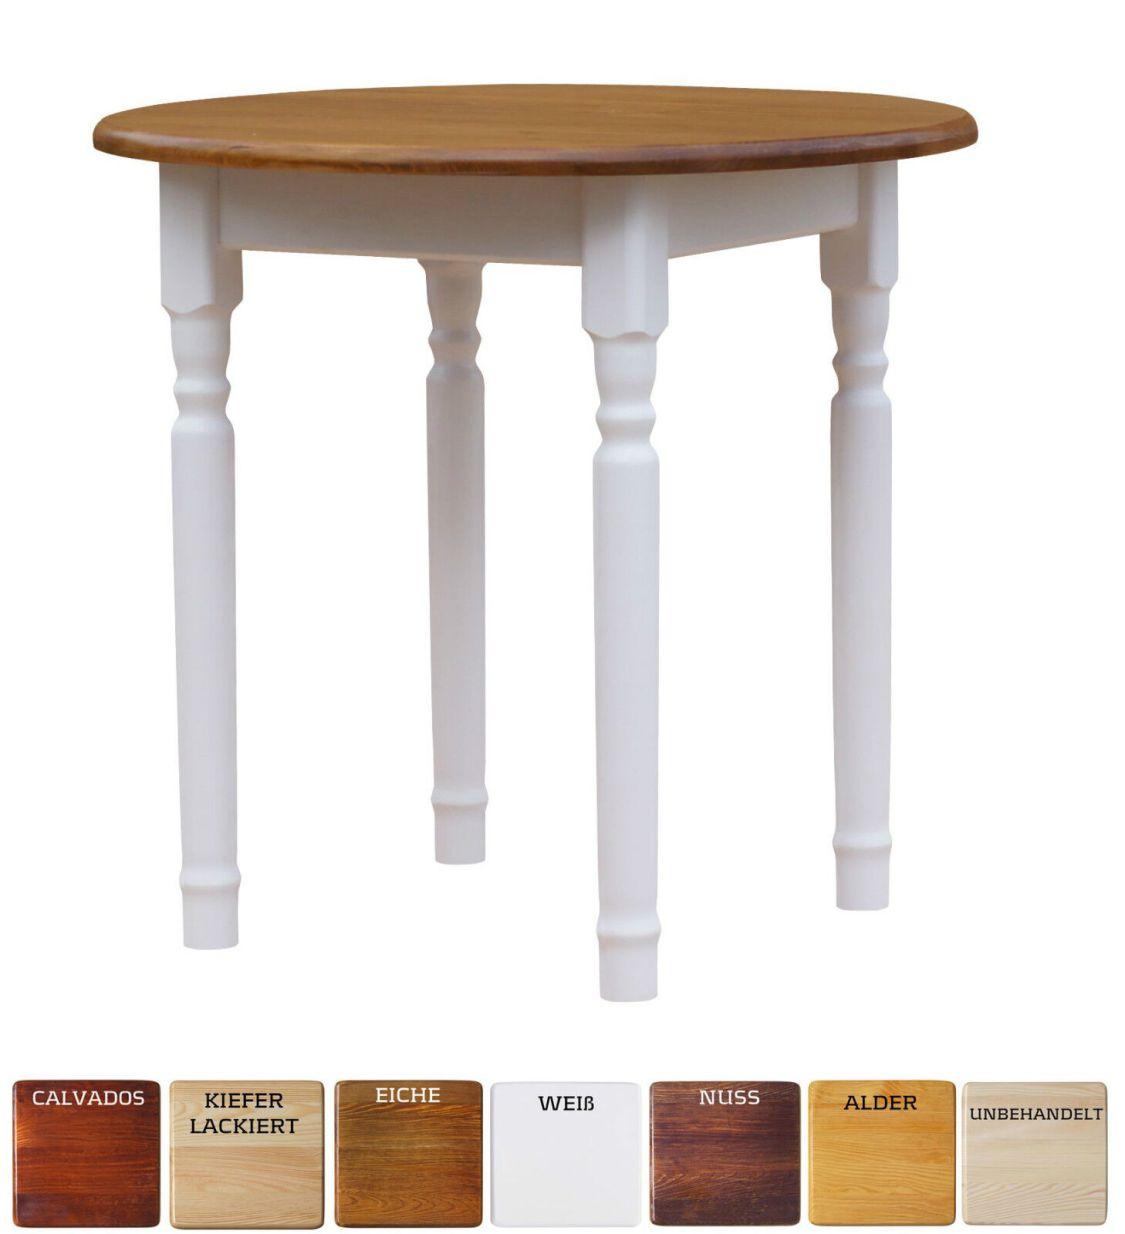 Runder Kiefer Tisch Esstisch Holz Küchentisch massiv weiß honig Landhausstil